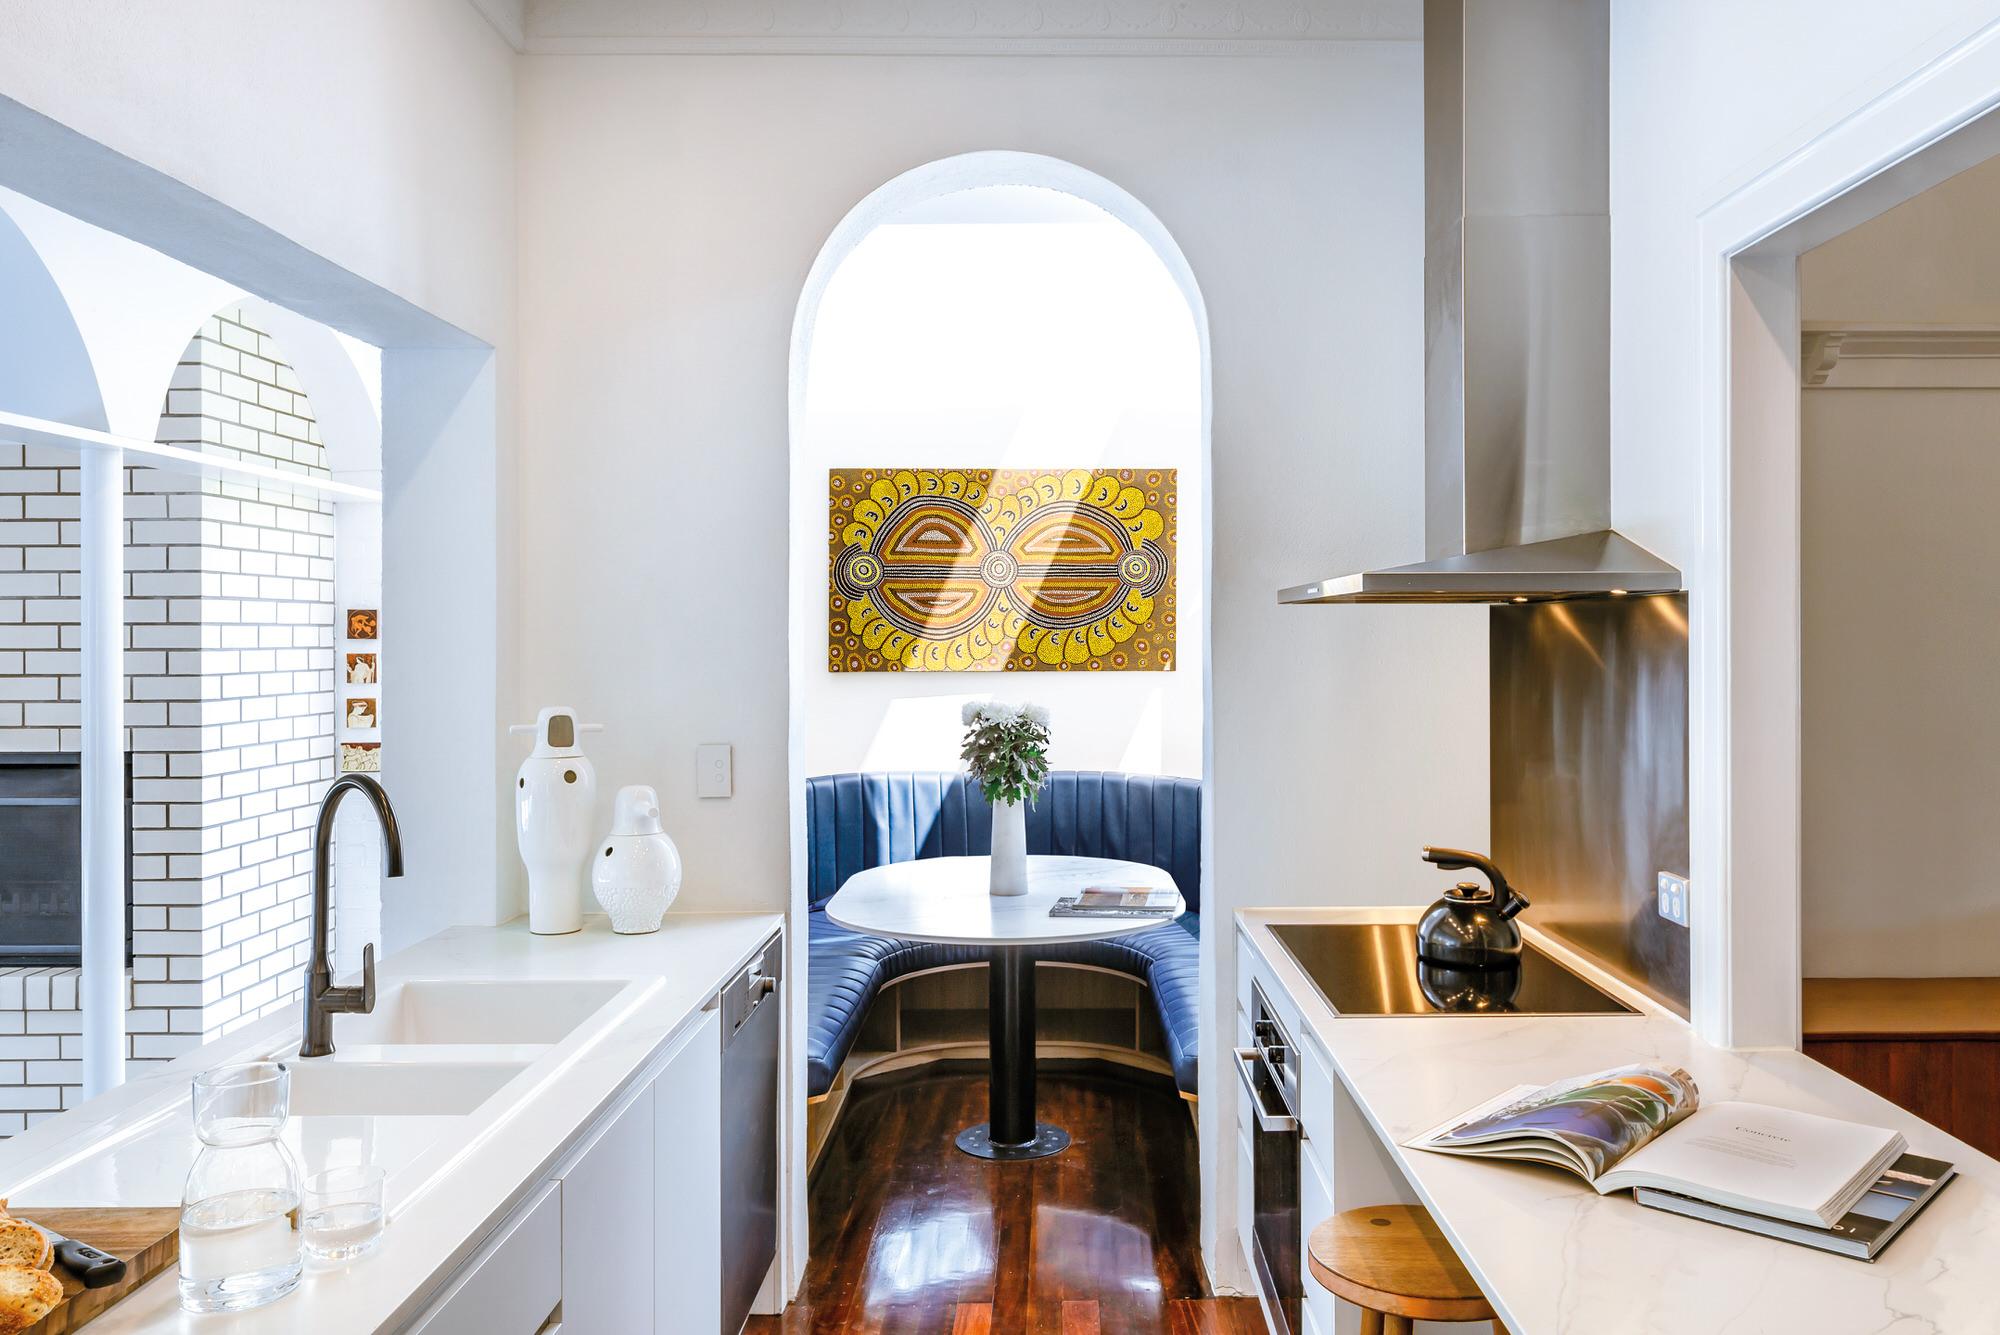 Alcorn Middleton Toowong Lighthouse Brisbane Architecture Photo Jad Sylla Yellowtrace 16